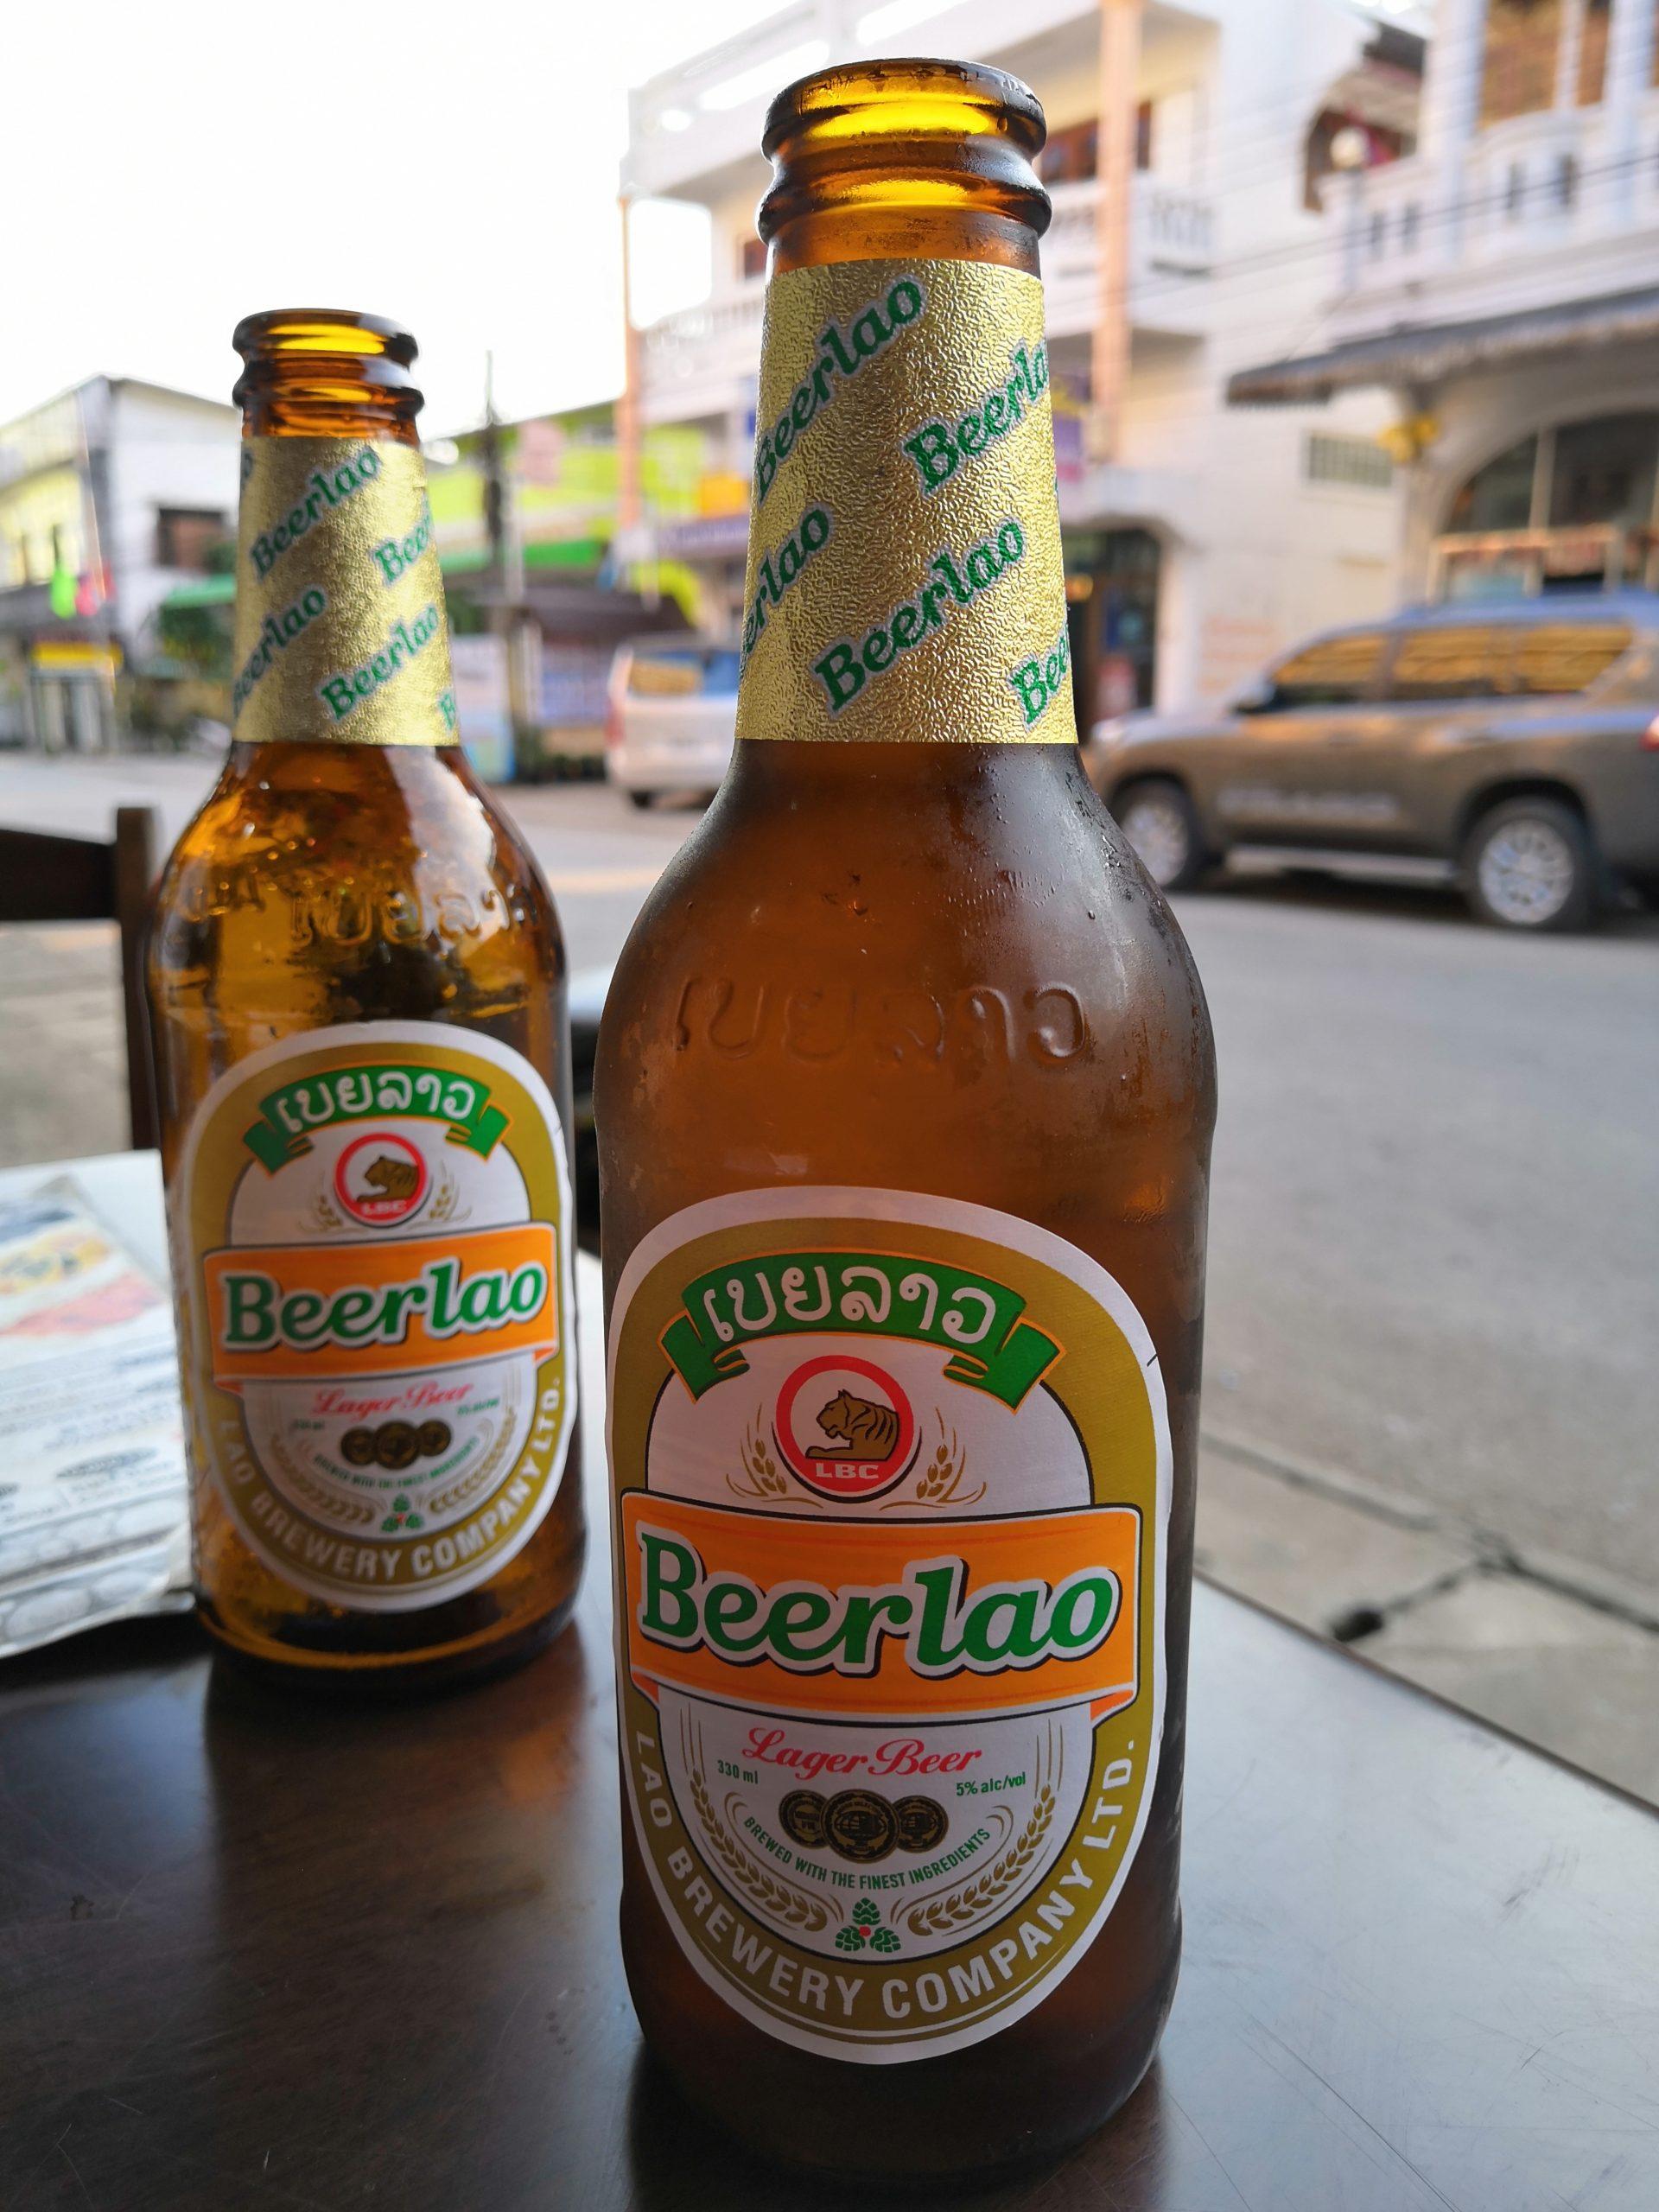 Un viaggio in Laos zaino in spalla deve iniziare per forza con una Birra BeerLao